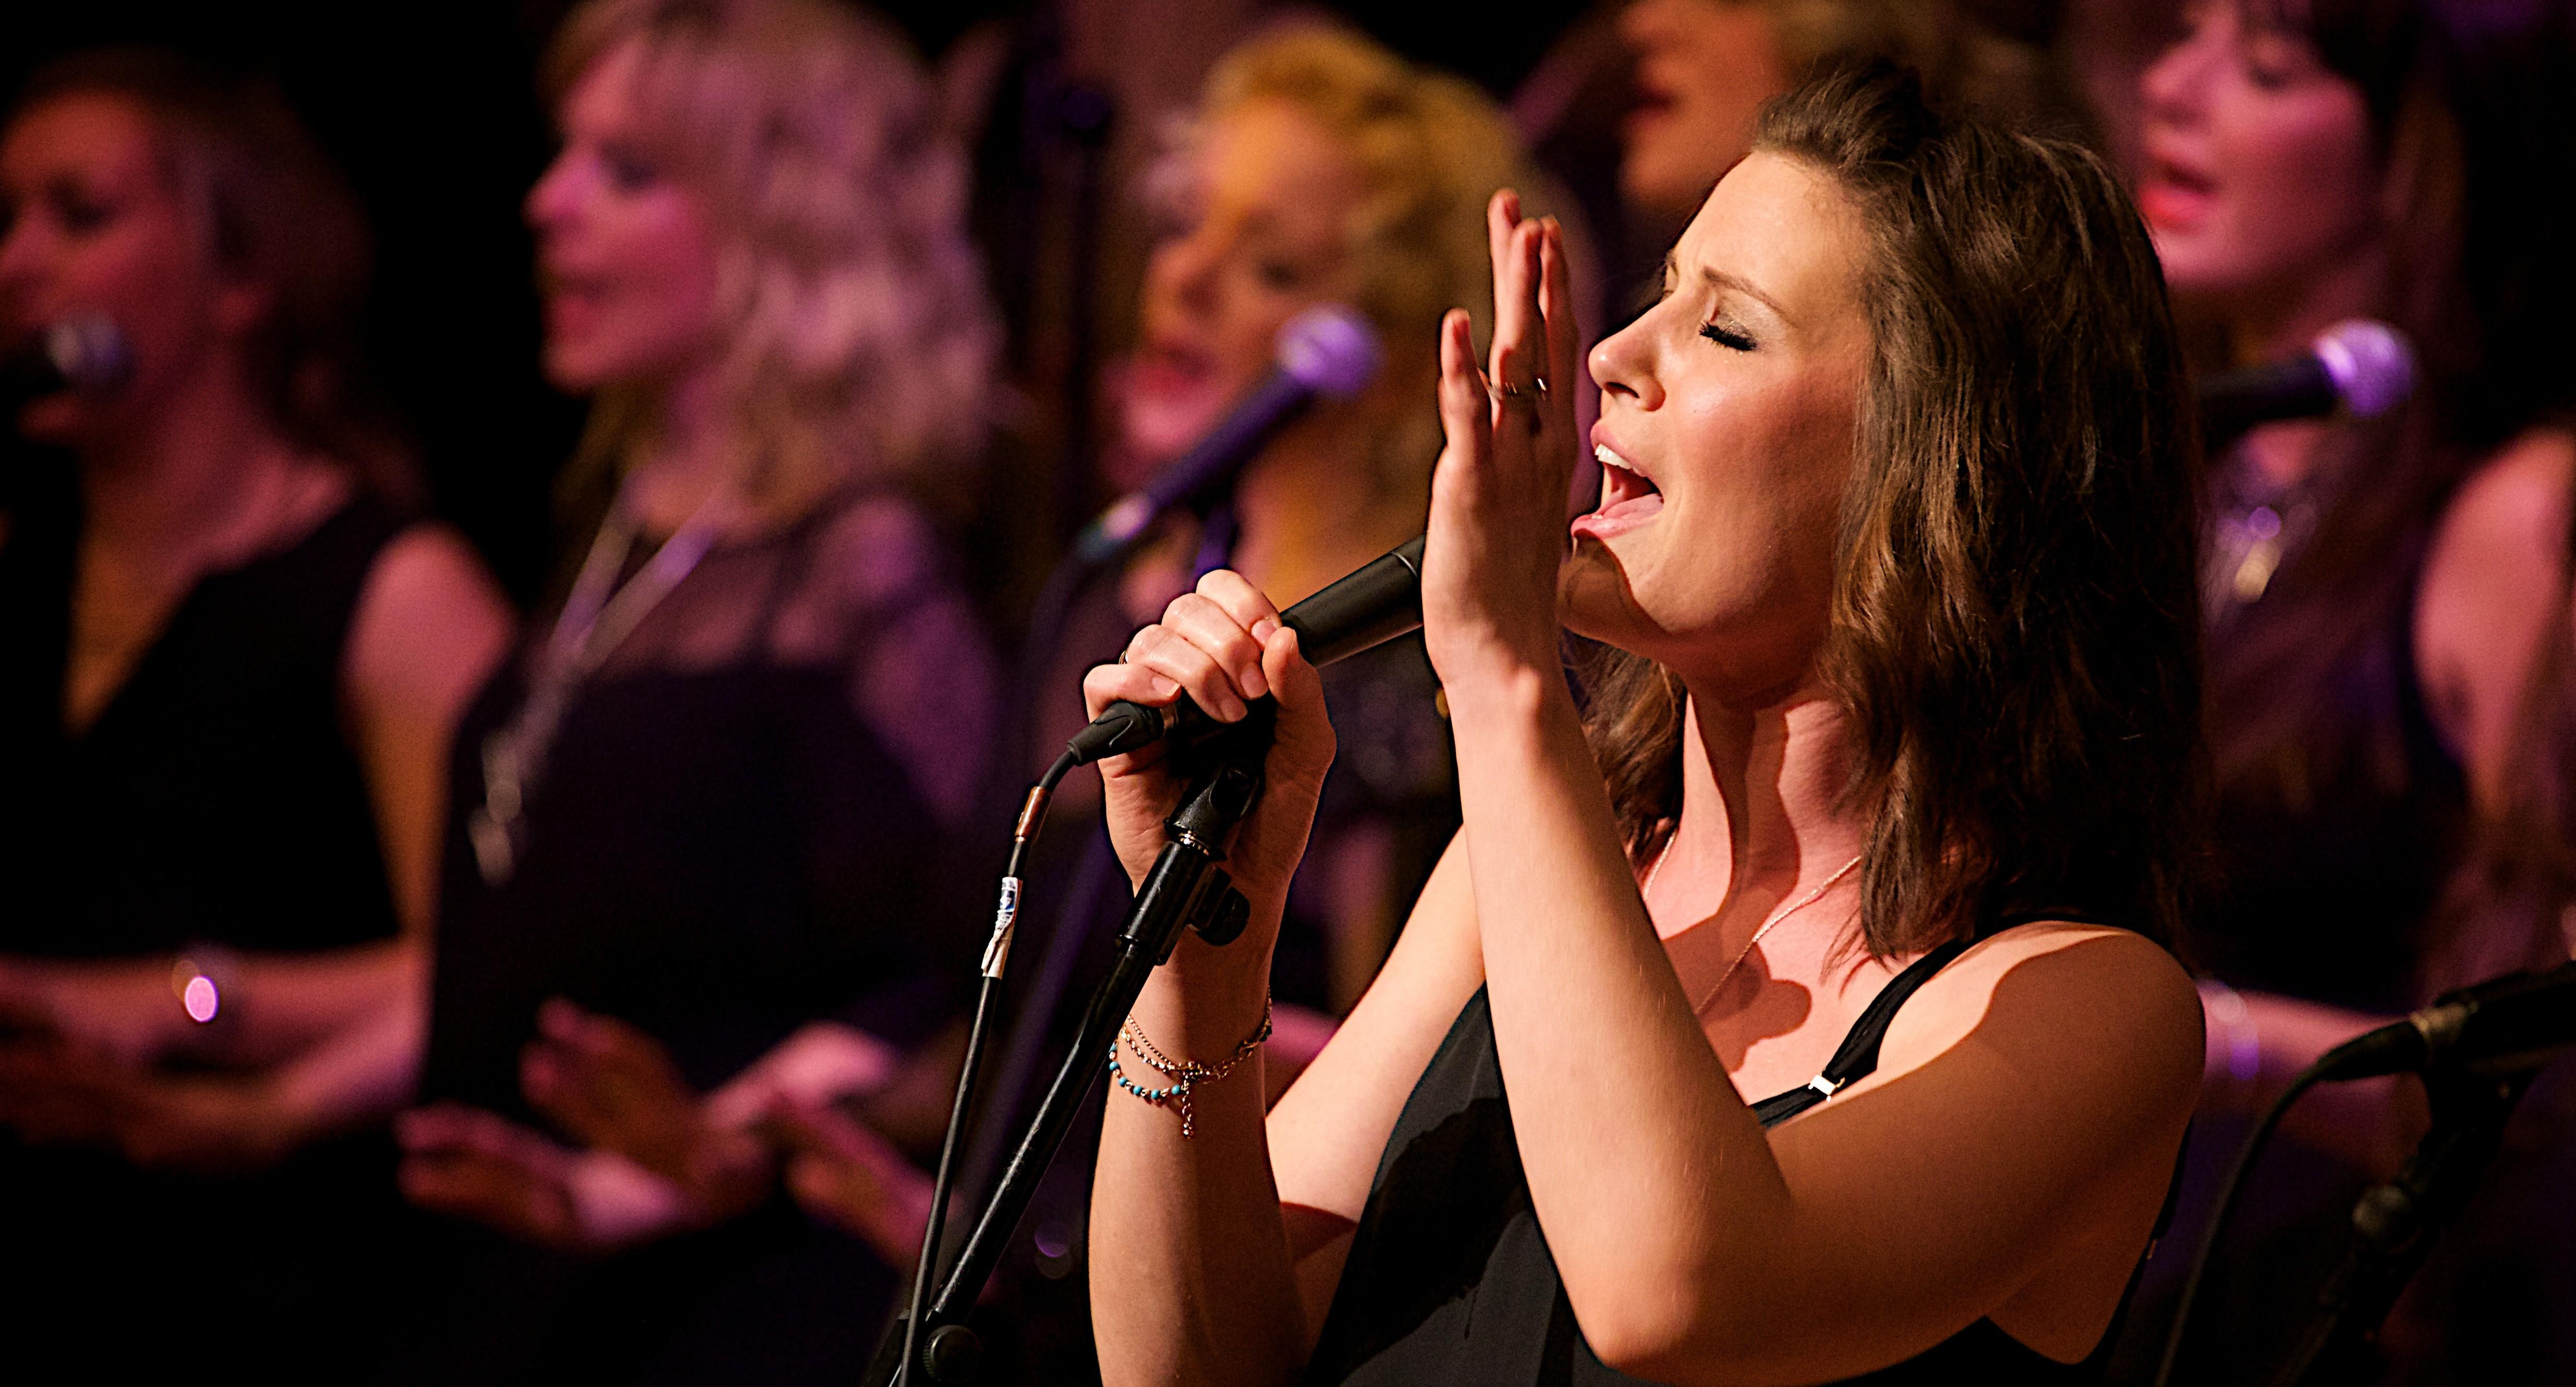 A Vocal Works Gospel Choir